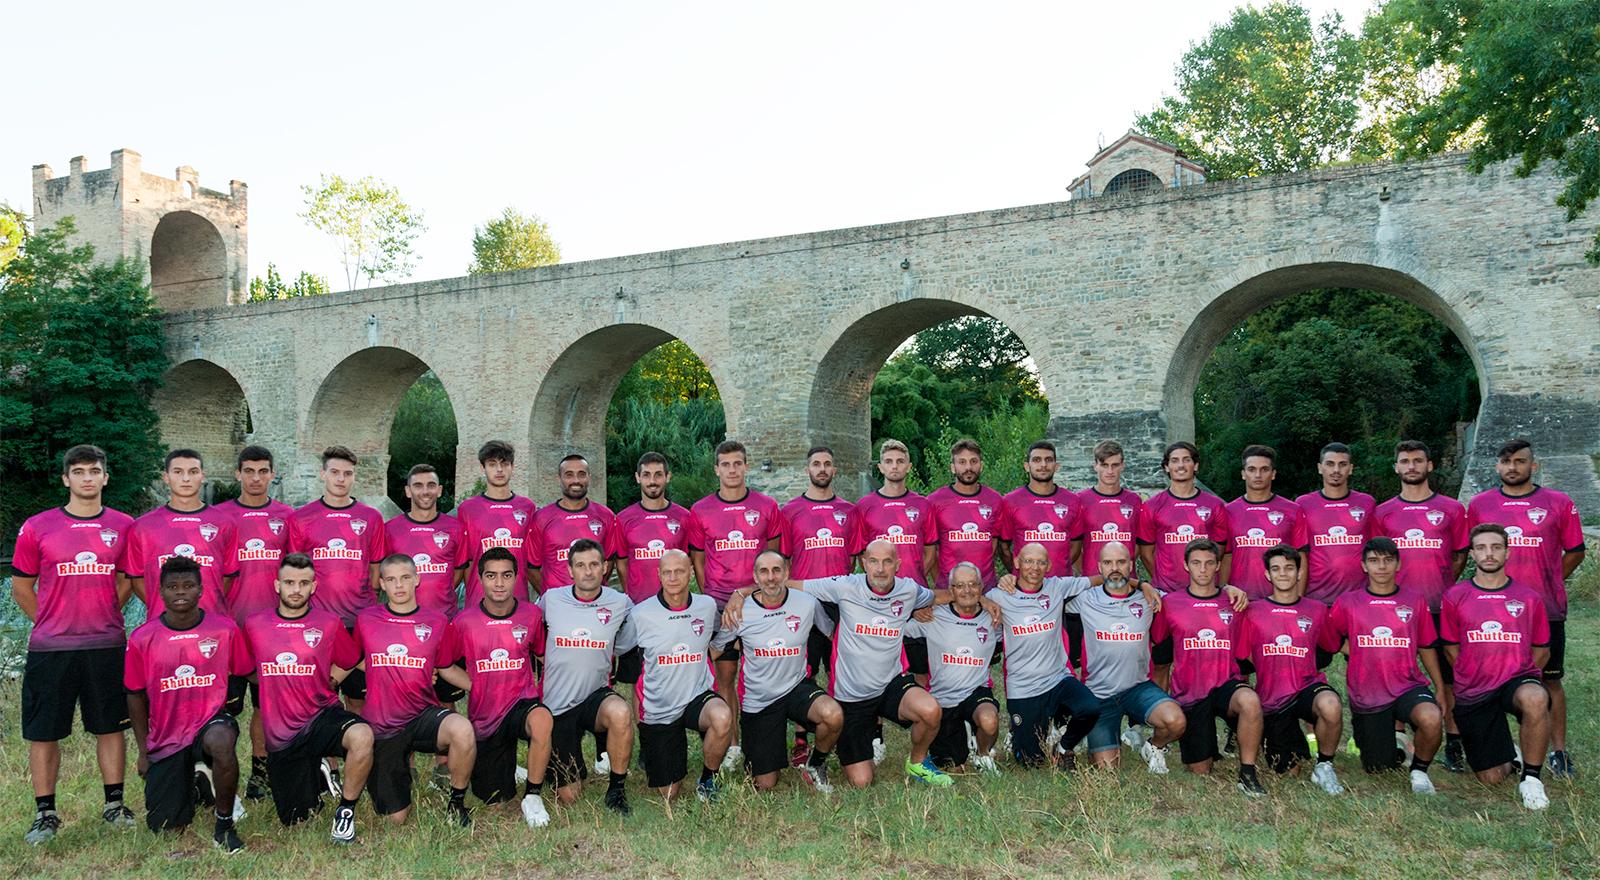 Italia Nazionale Calendario.Coppa Italia Eccellenza Fase Nazionale Il Calendario Del